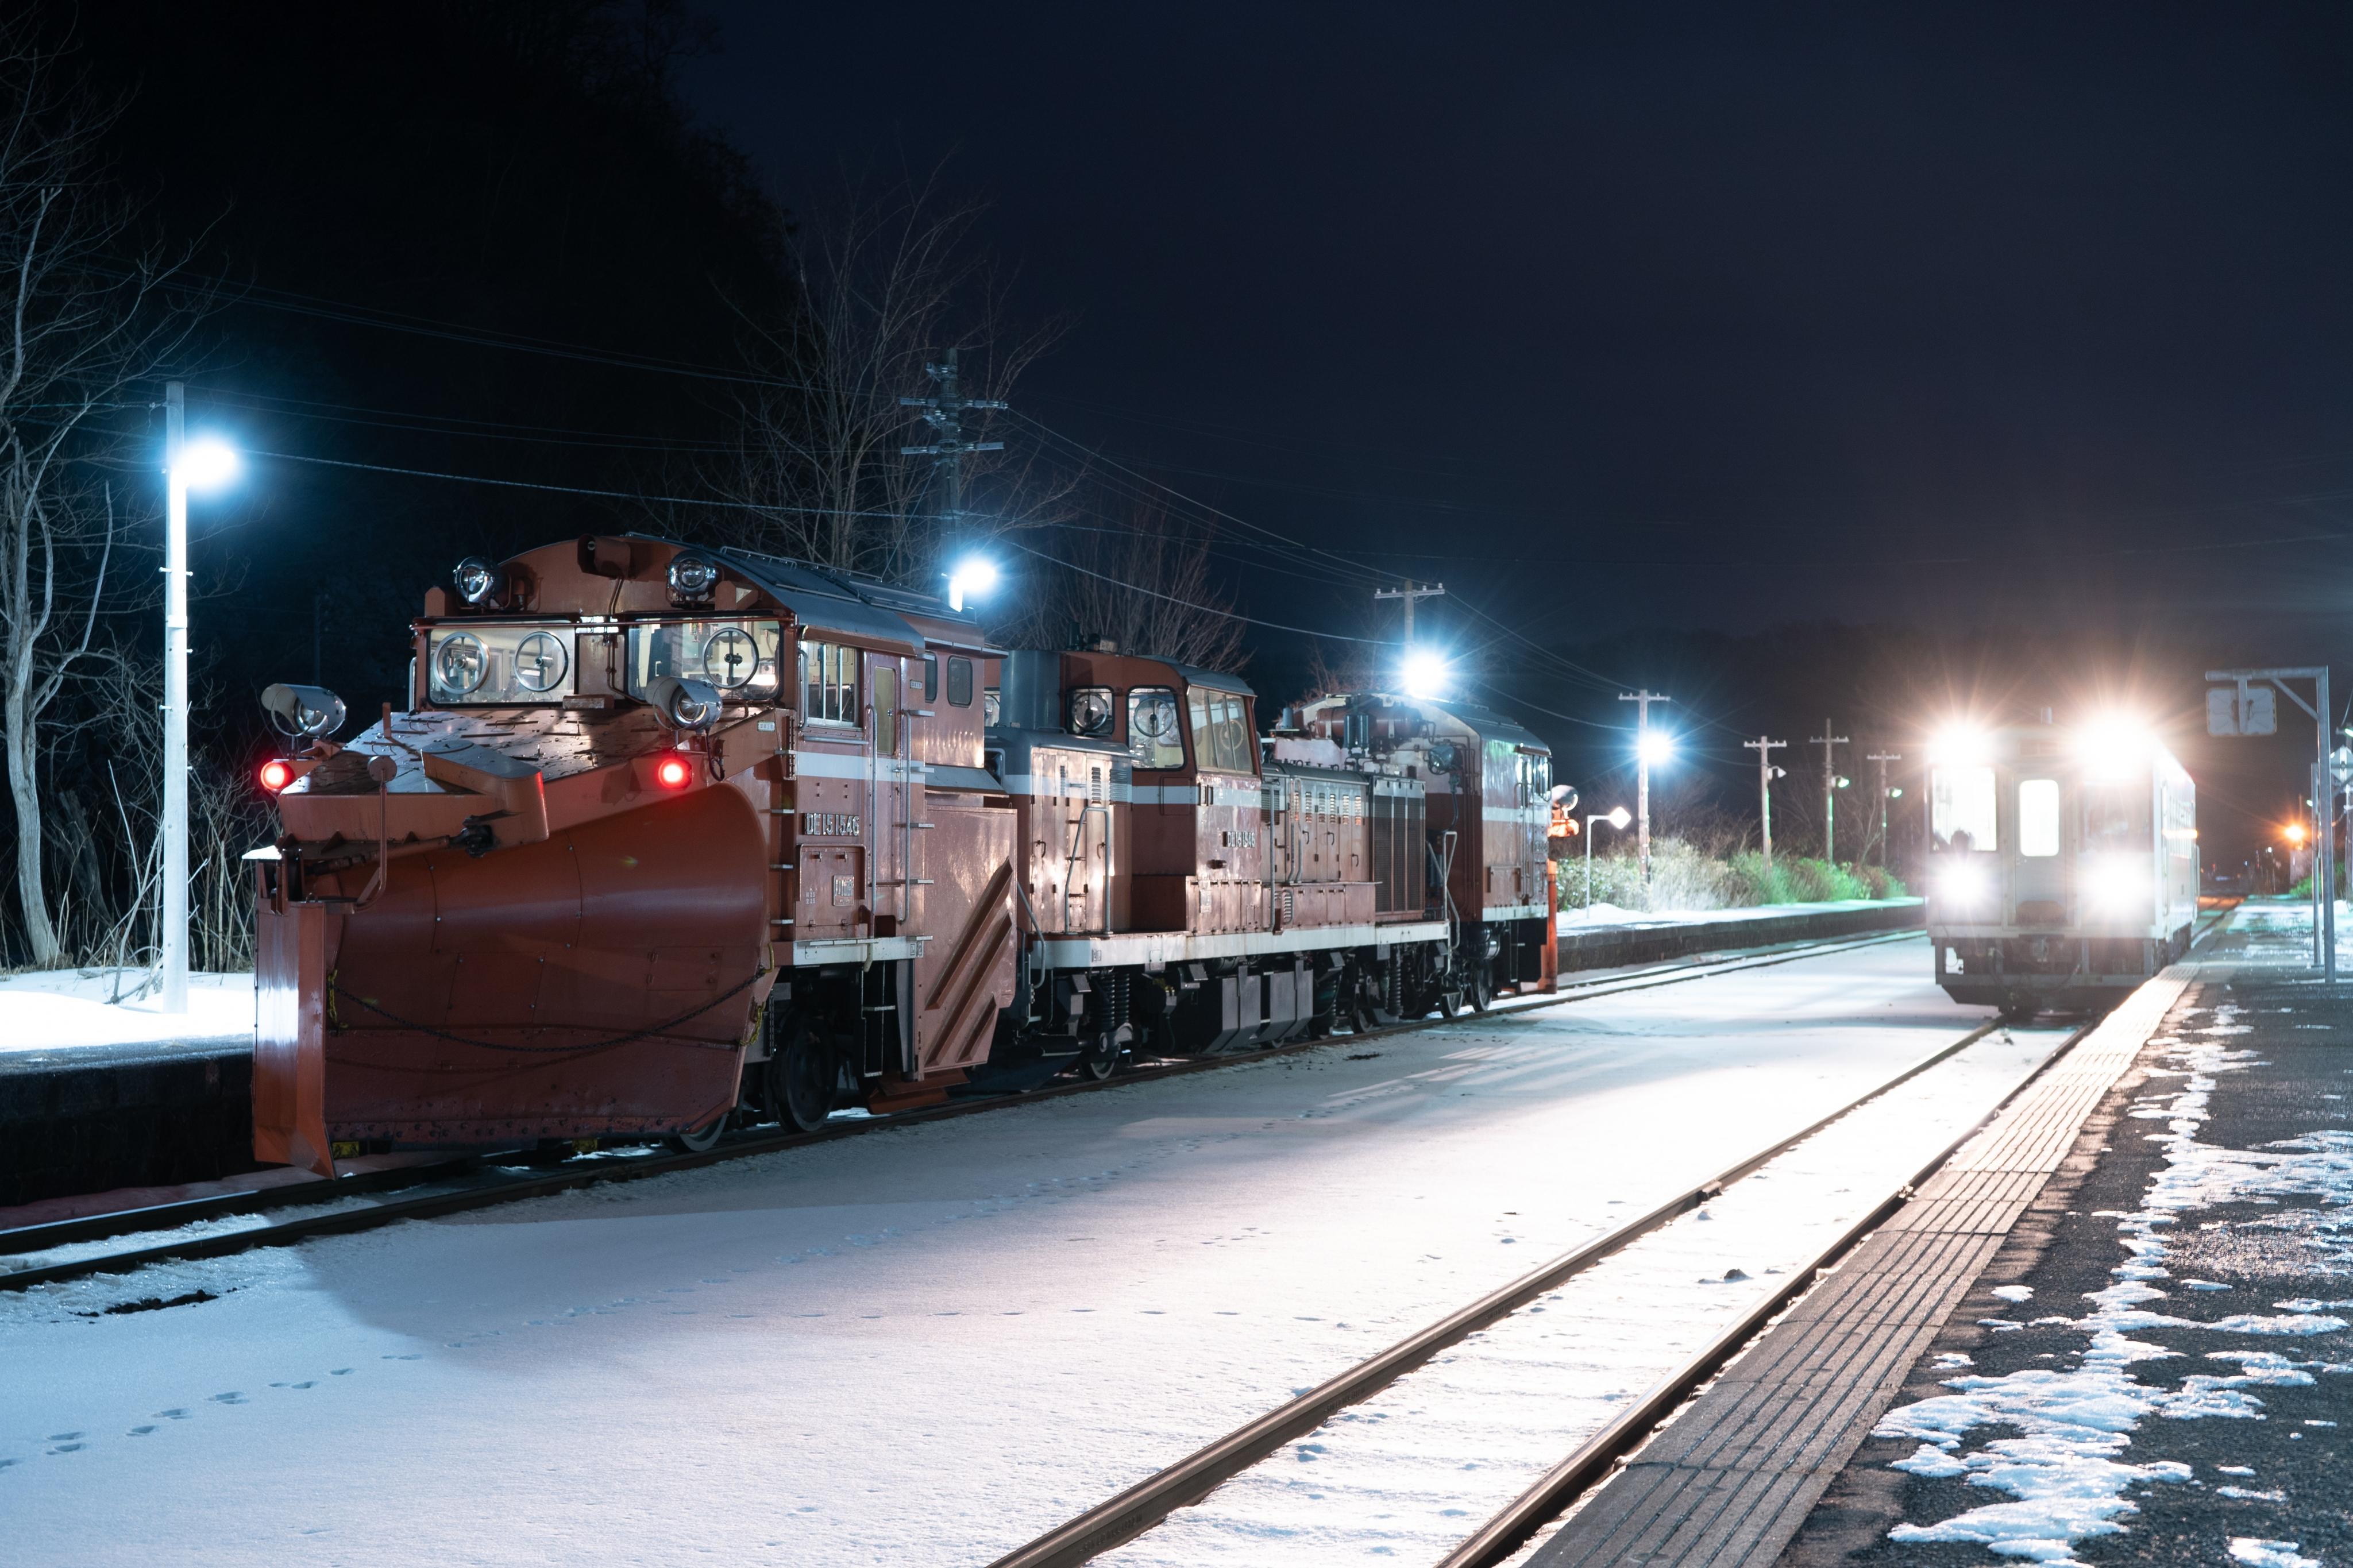 雪122レ 蘭島駅 200111 (2).jpg